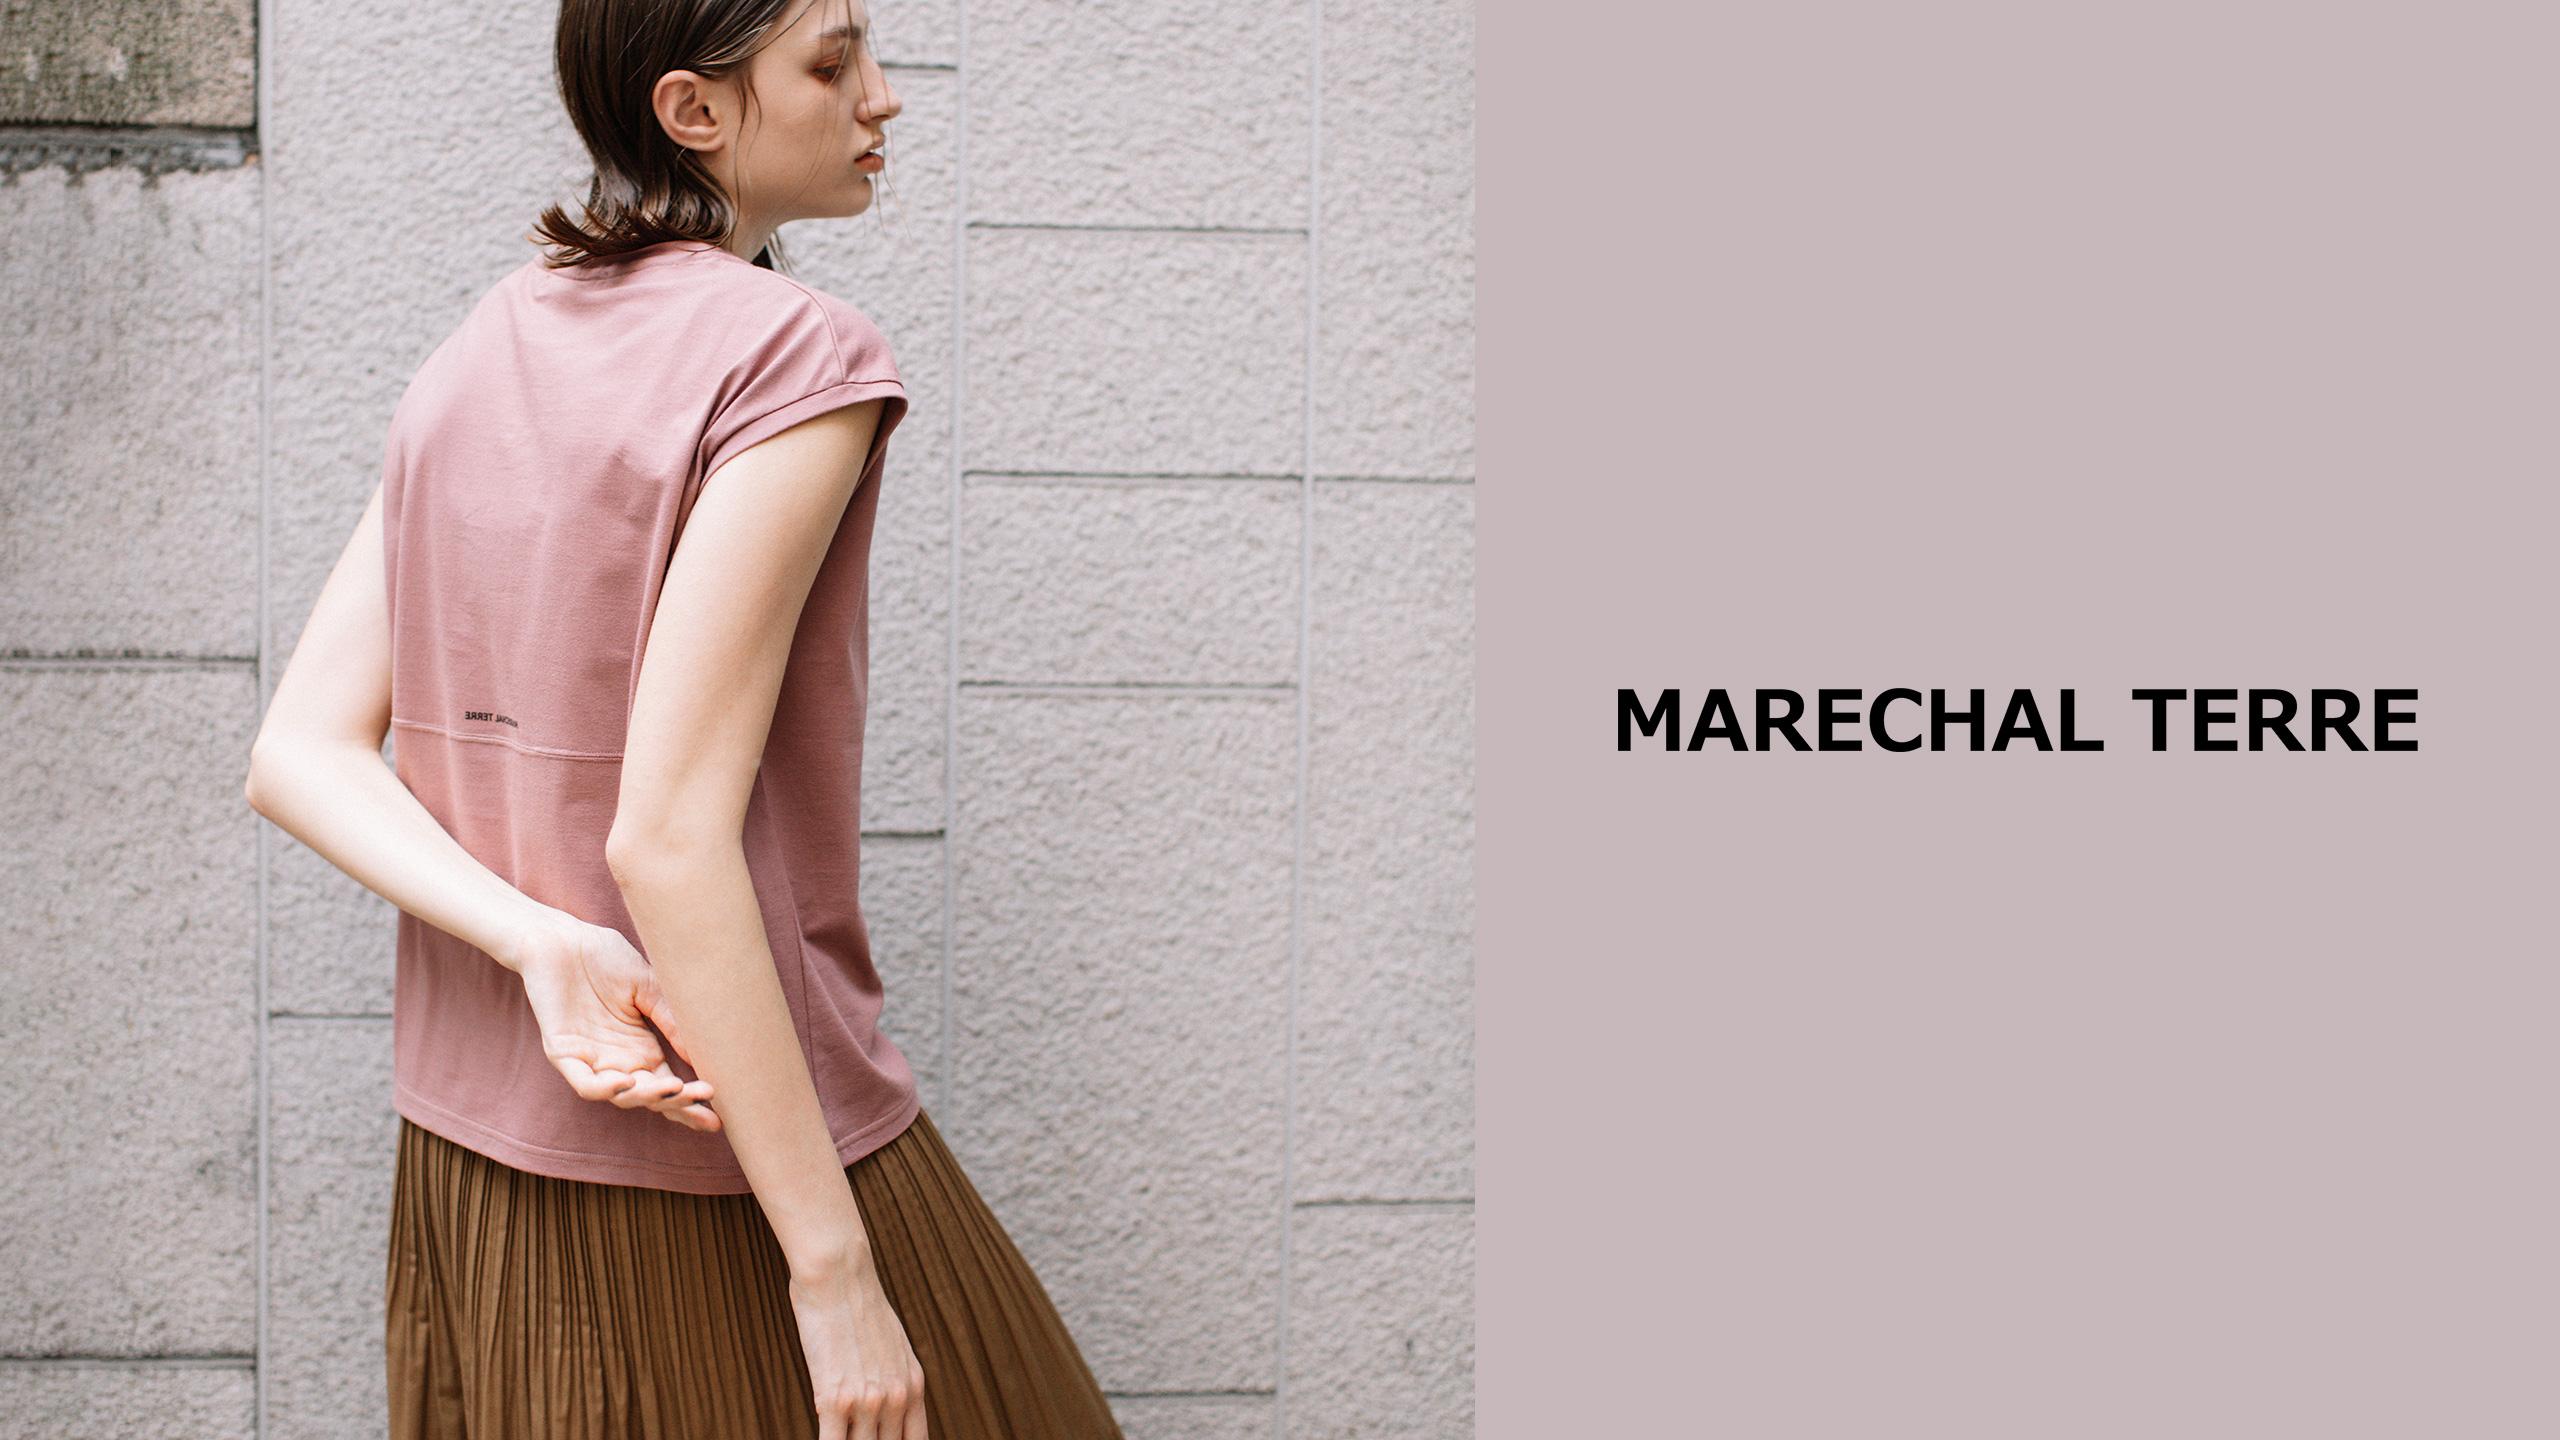 モードな雰囲気とデザインの融合。MARECHAL TERREの新作